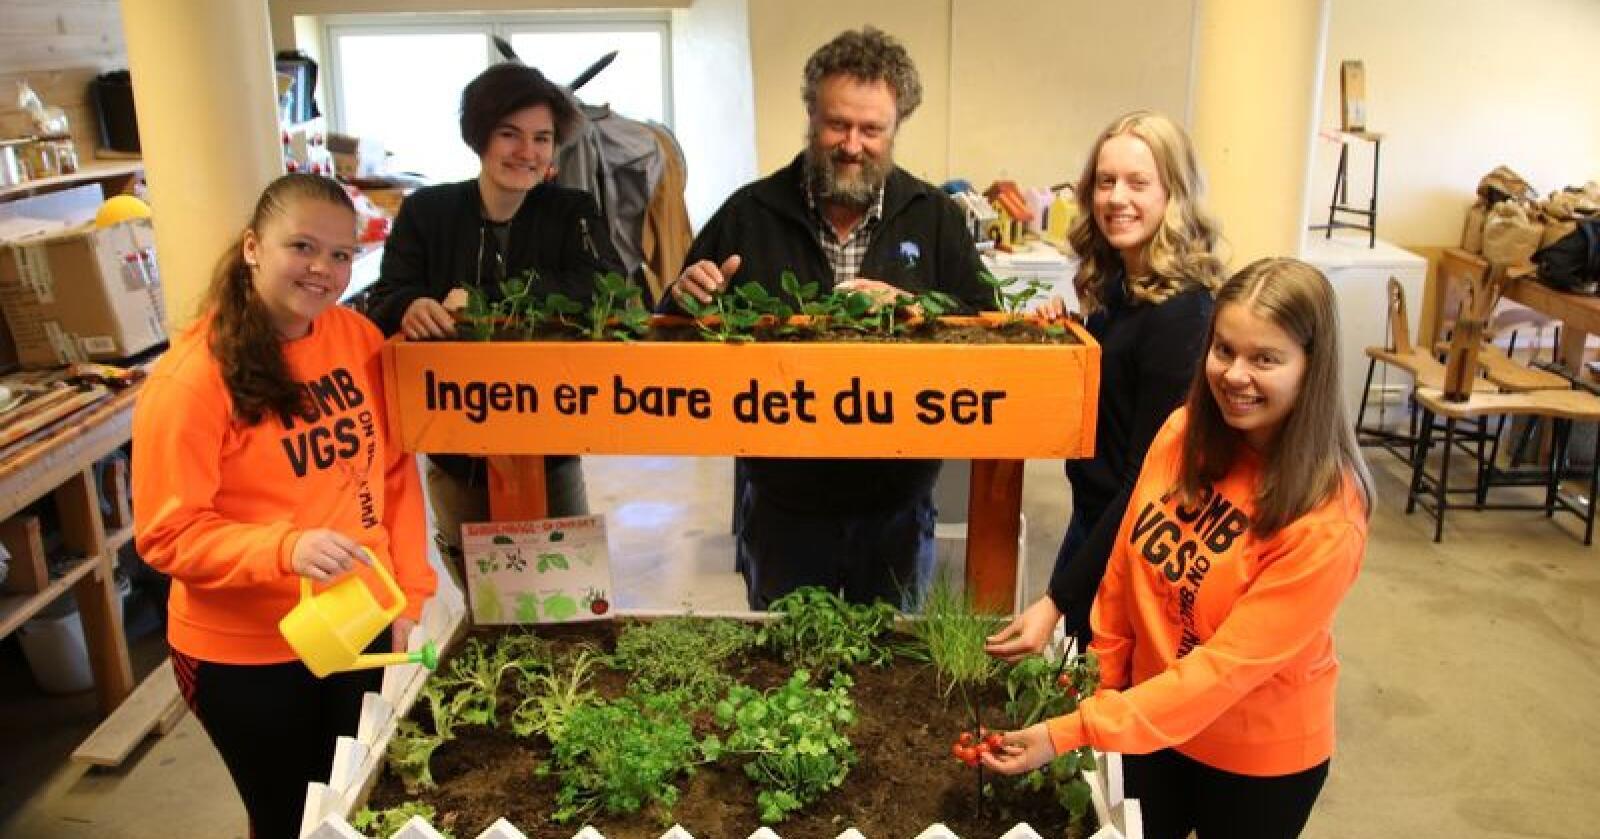 Kjøkkenhagen ble overlevert Café Britannia i mai. Stine Berger (f.v.), Rebekka J. Tømmerbakk, Jørgen Kvarme, Emma Ausen og Michelle Geire Sætersdal.